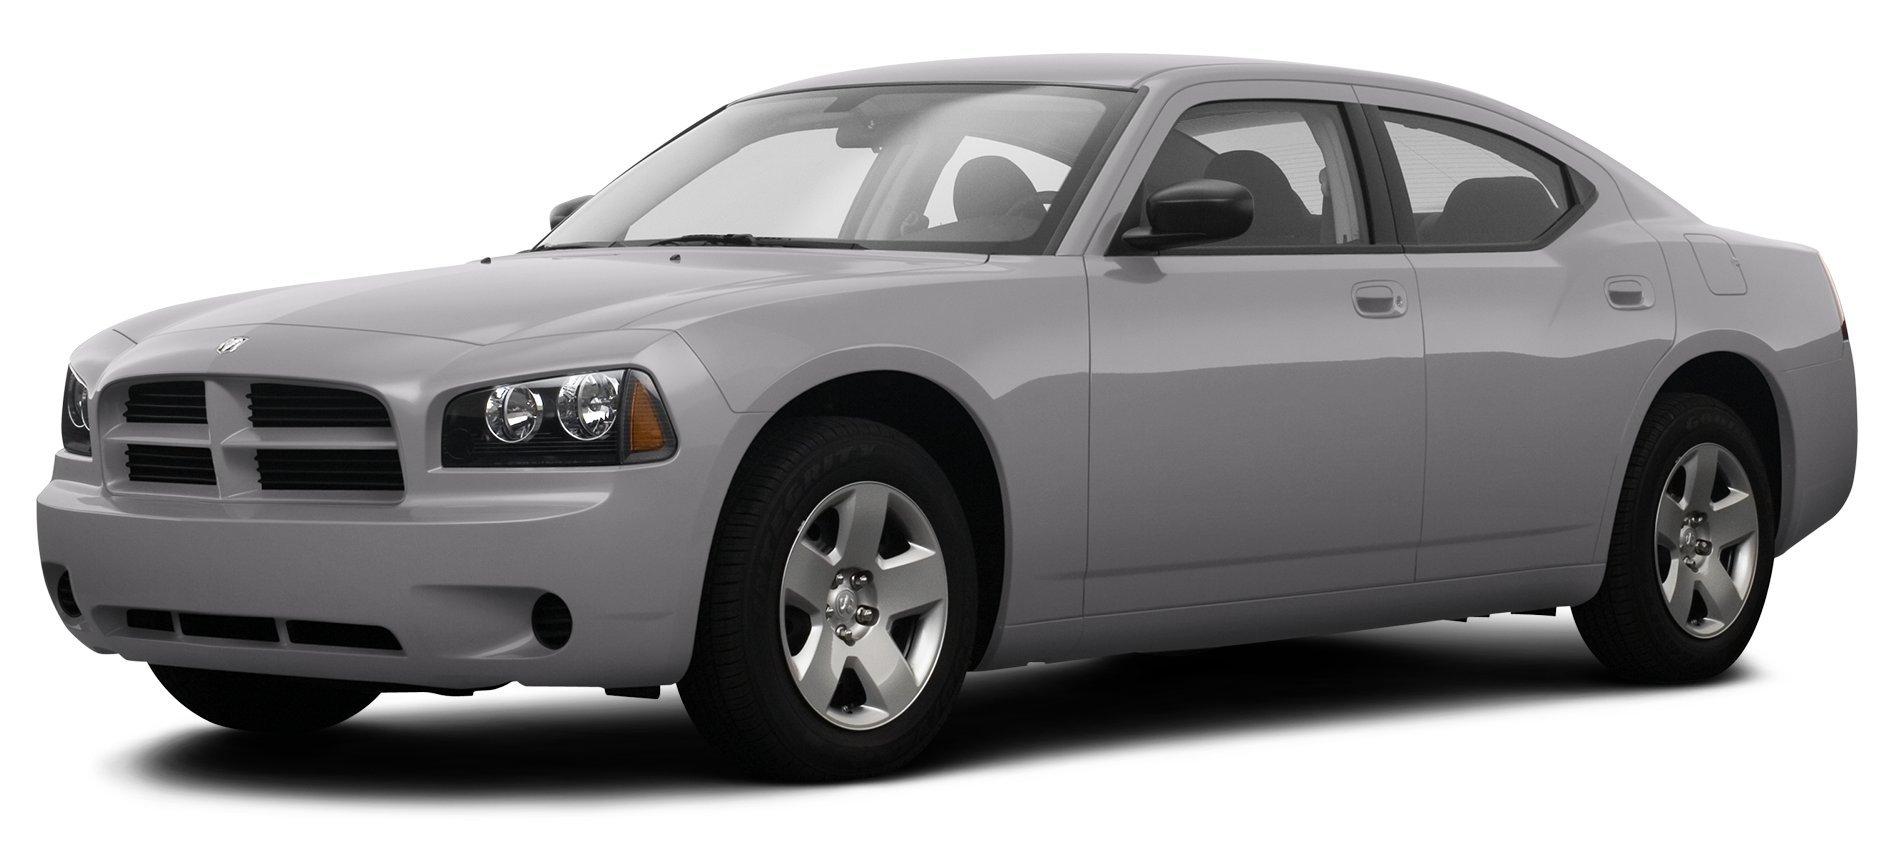 2008 Dodge Charger 4 Door Sedan Rear Wheel Drive